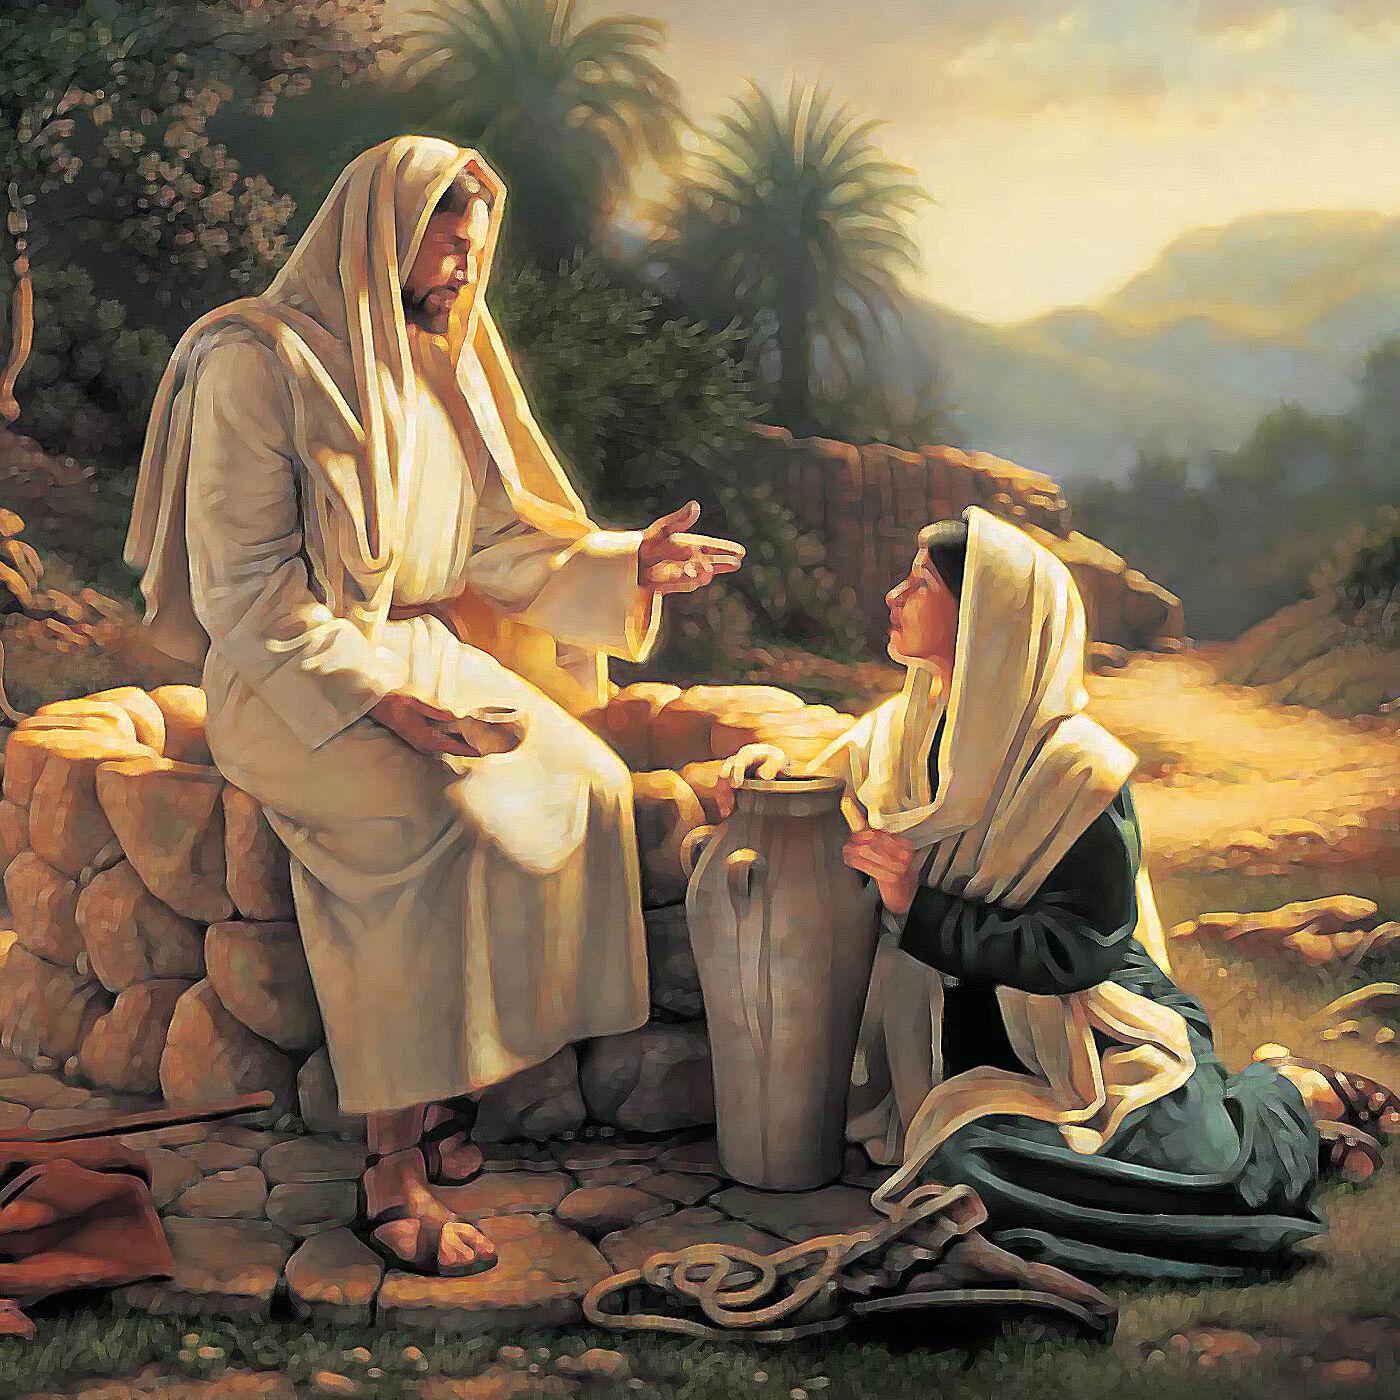 riflessioni sul Vangelo di Martedì 11 Maggio 2021 (Gv 16, 5-11) - Apostola Michela